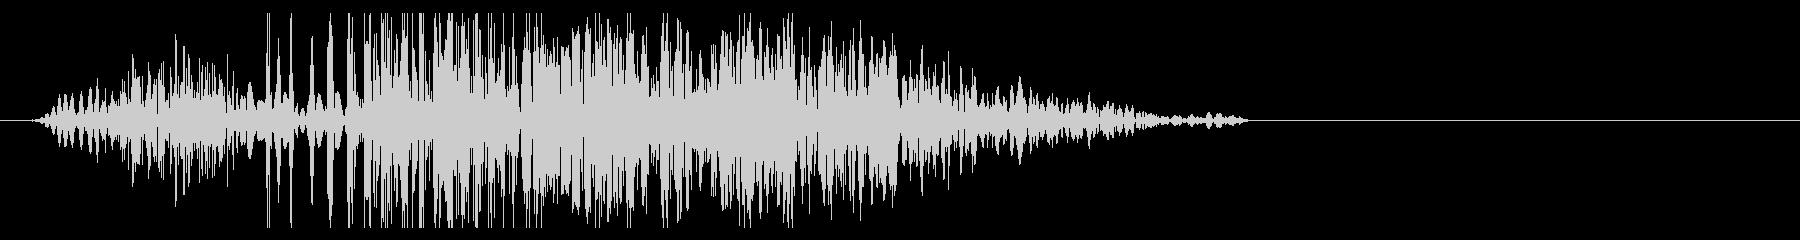 ビシィッ(殴る音・中)の未再生の波形